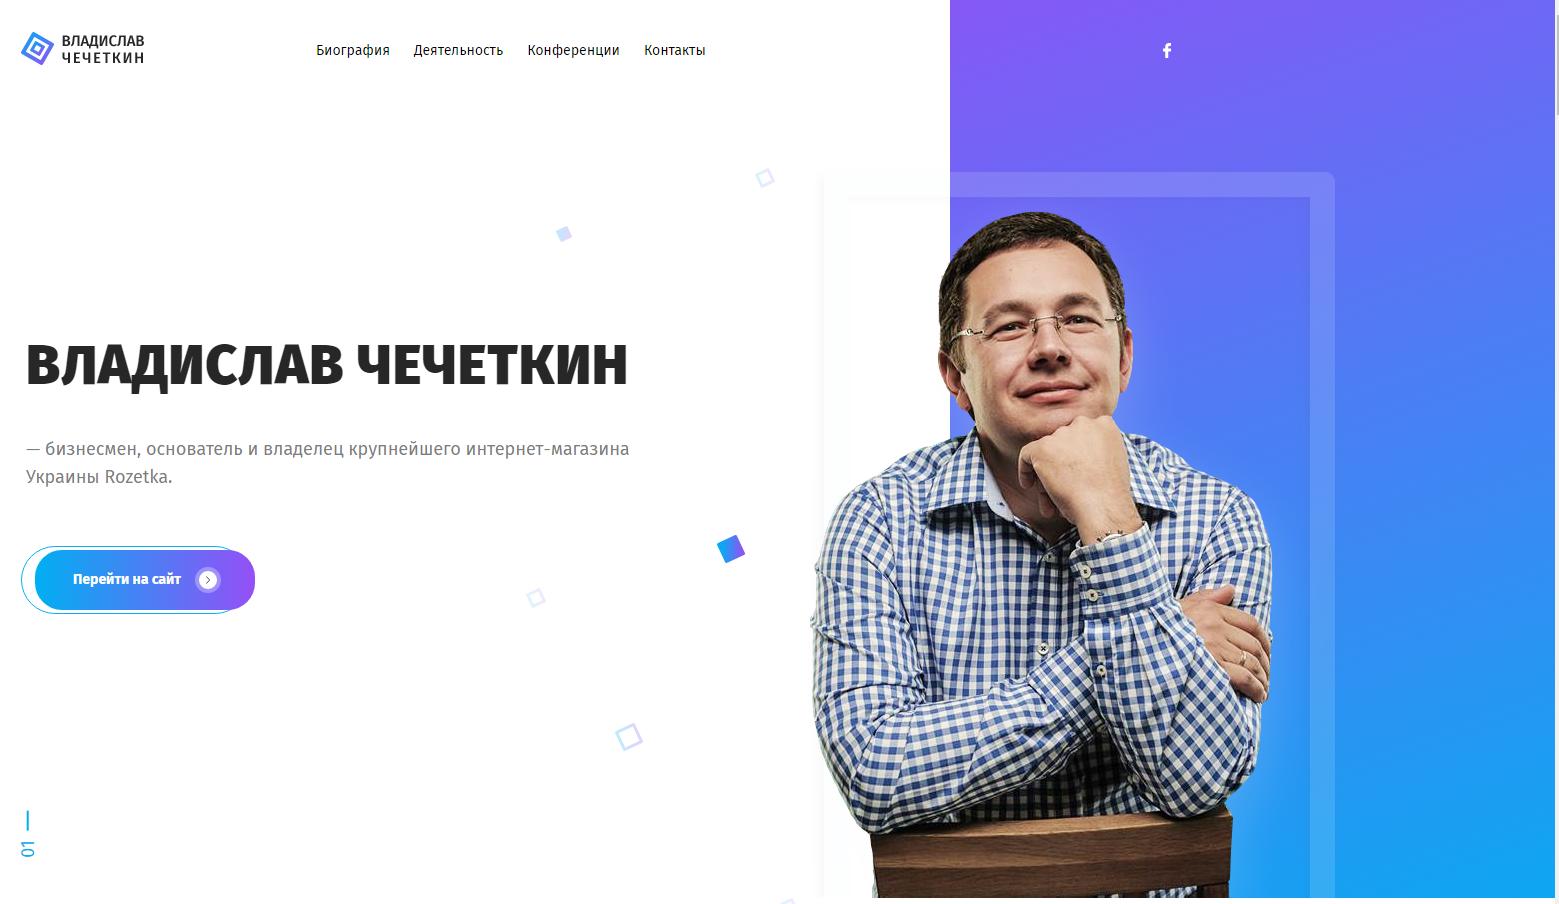 Внутренняя страница про Владислава Чечетника